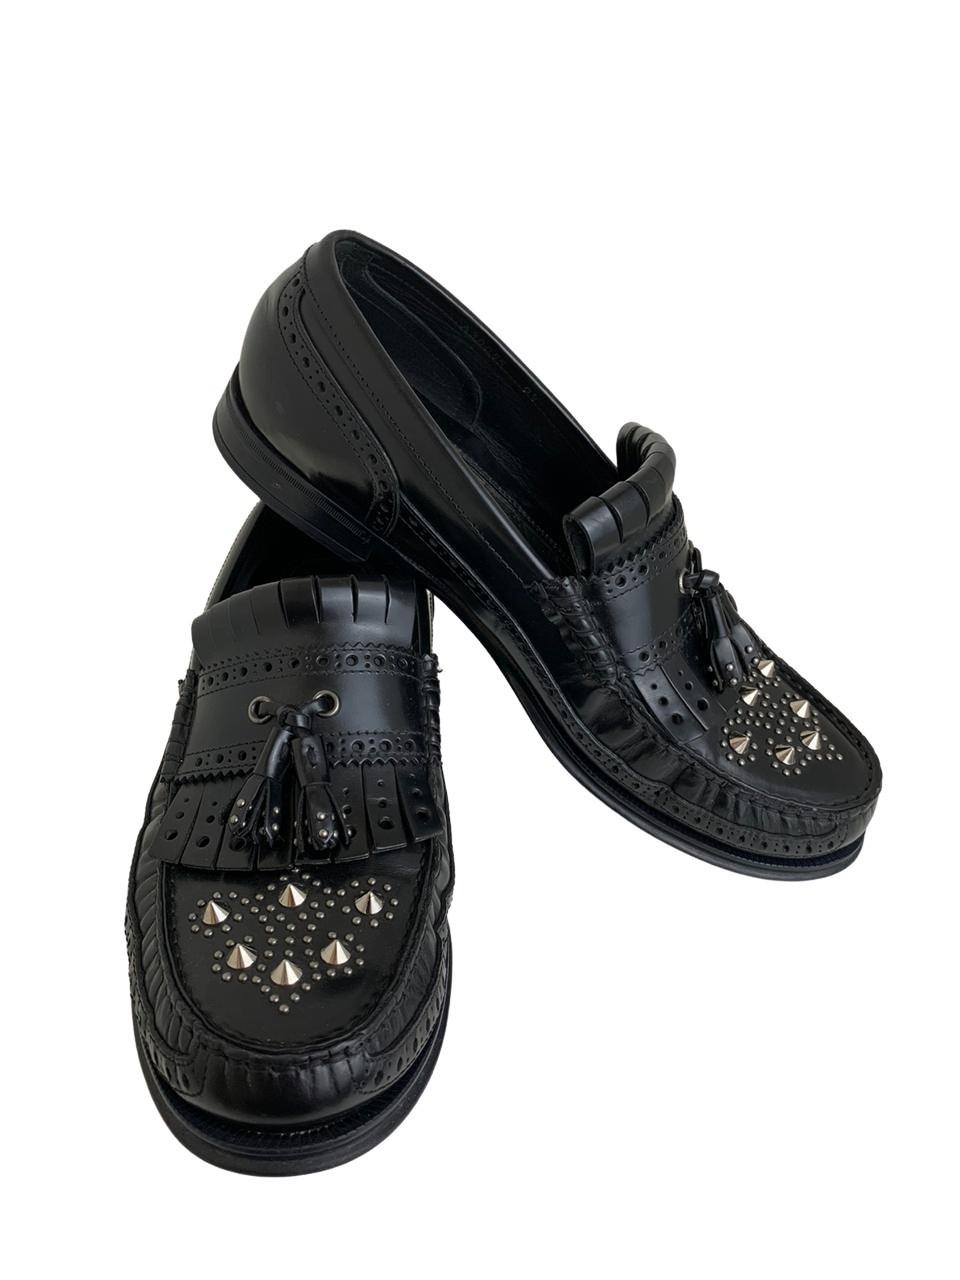 Sapato Dolce & Gabbana Masculino Preto